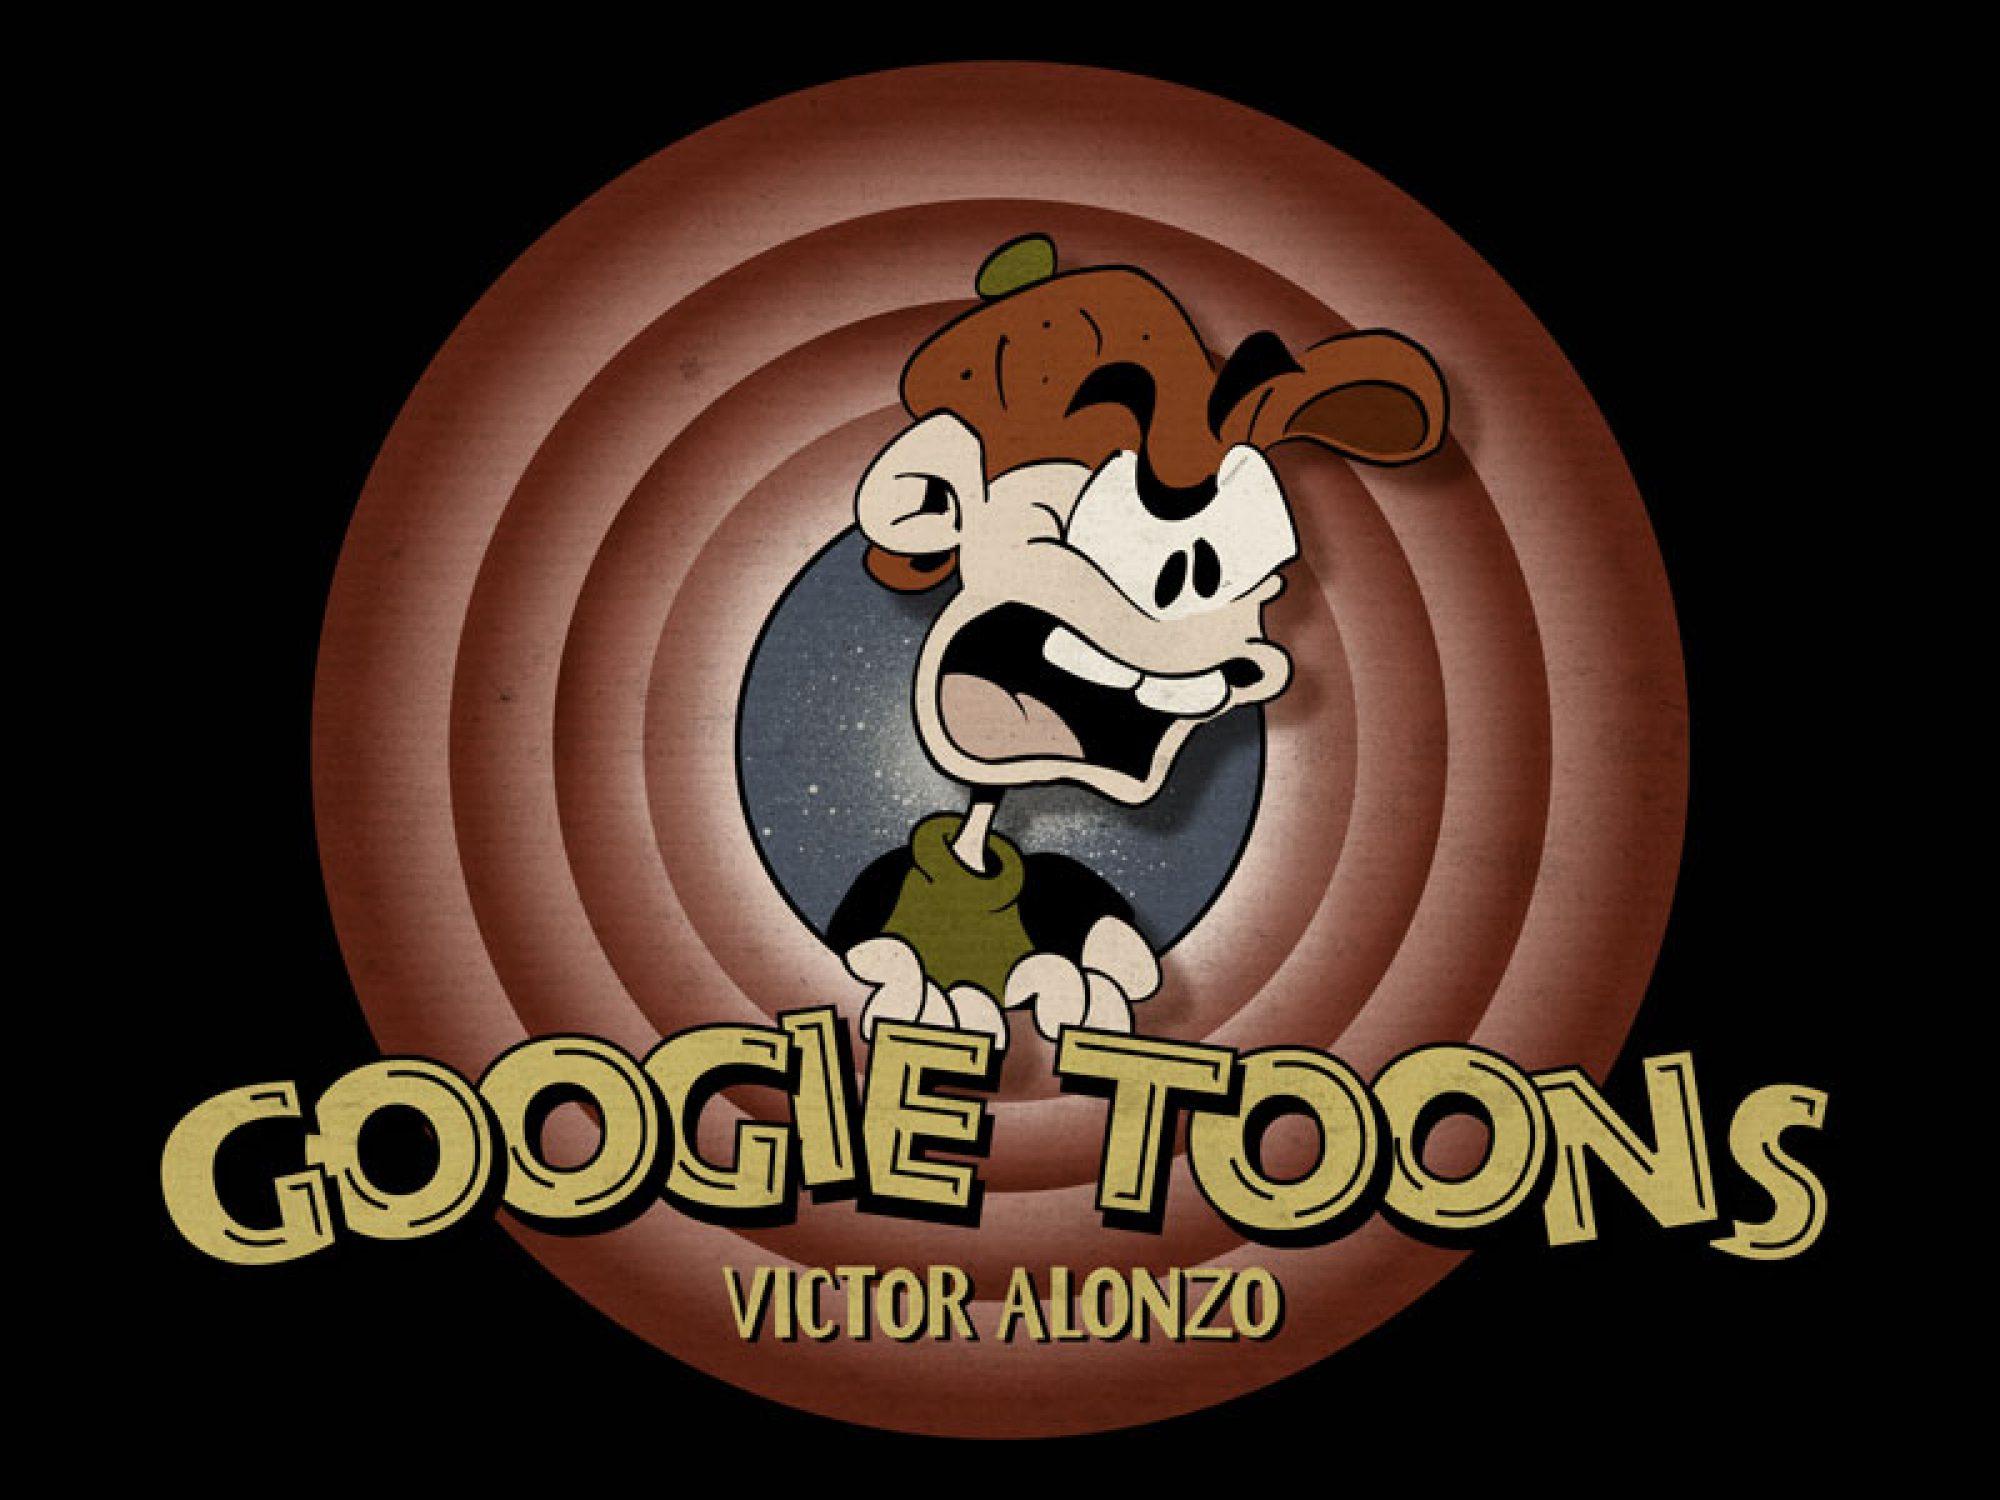 GoogieToons